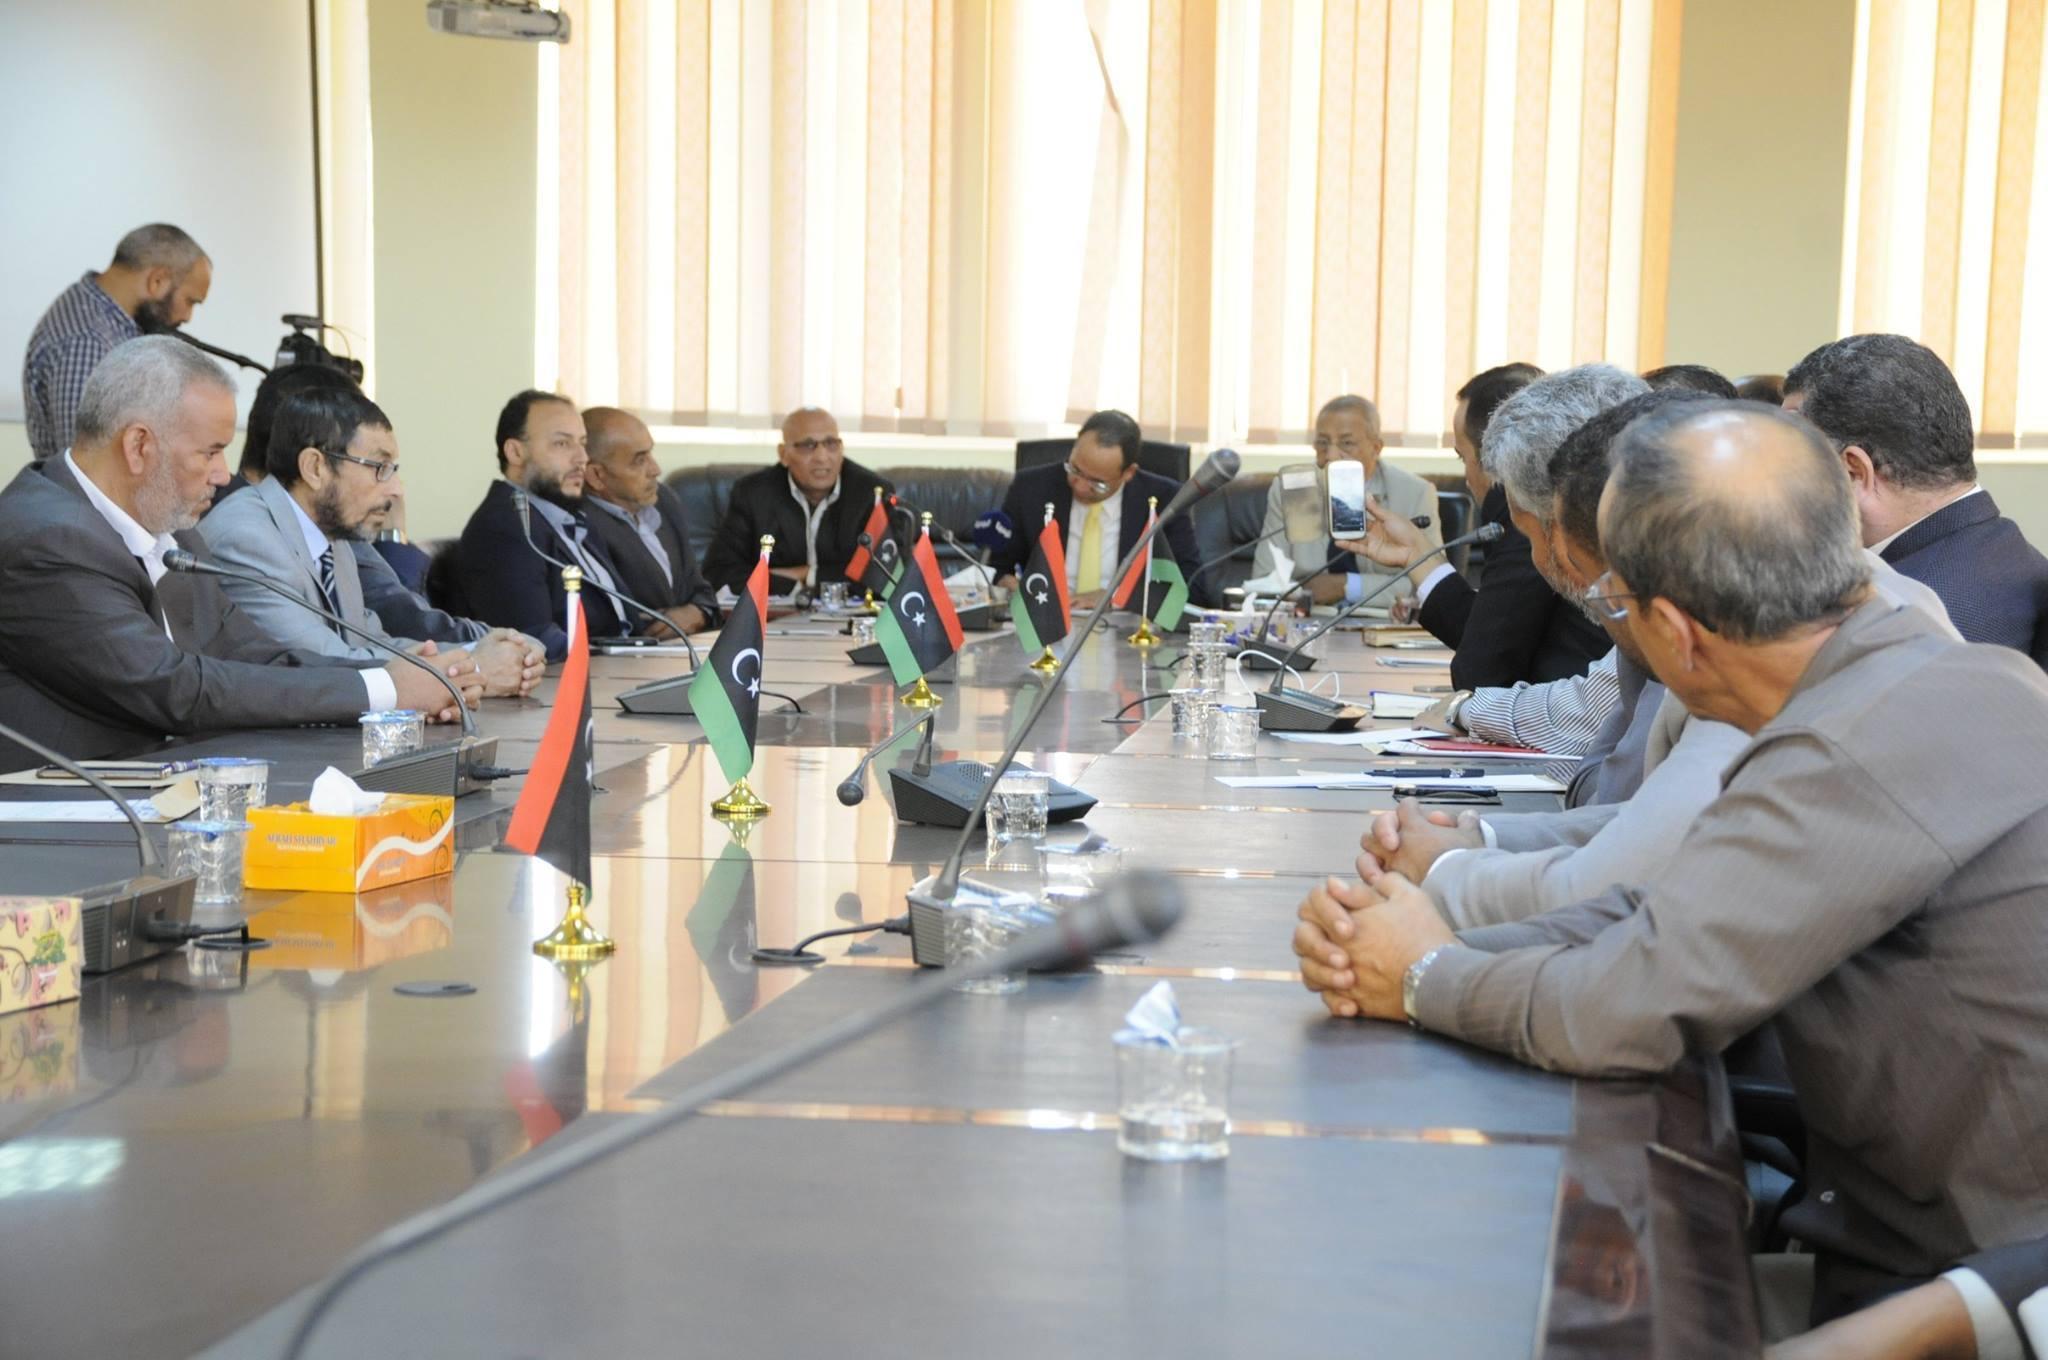 تعليم الوفاق مطالب المعلمين مشروعة